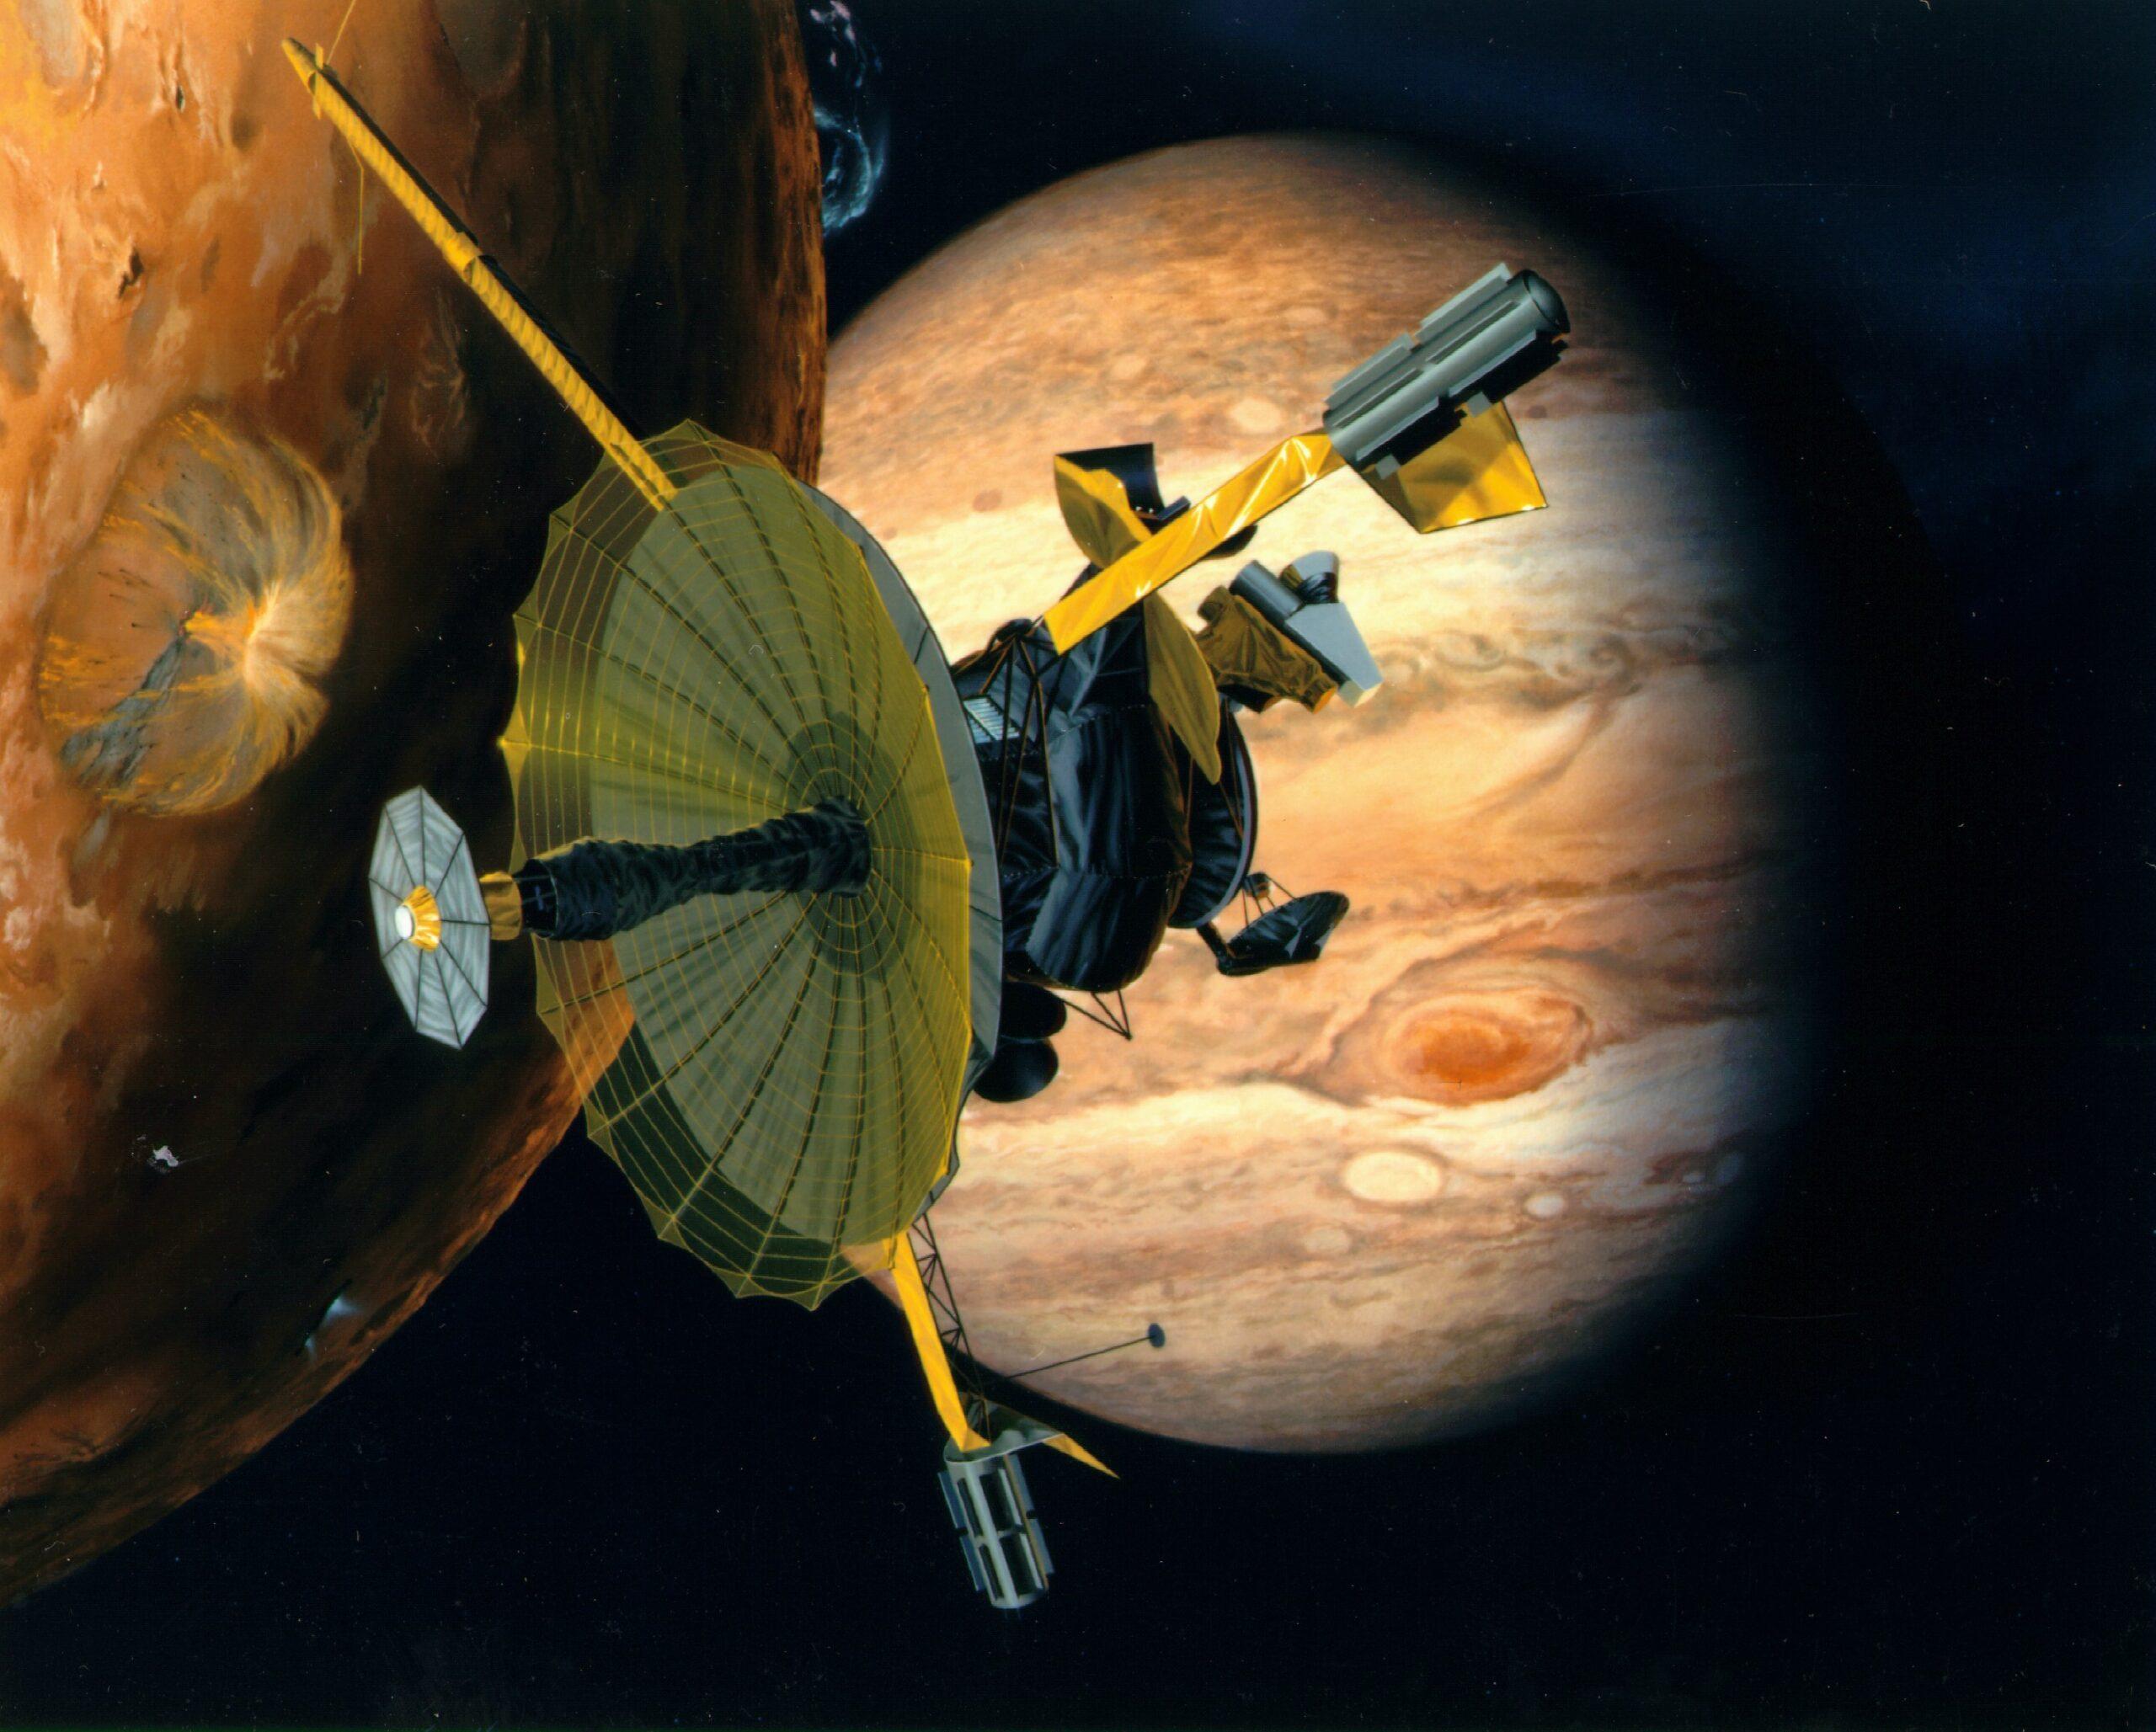 چه خواهد شد اگر روی سیاره مشتری فرود بیاییم؟ [تماشا کنید]